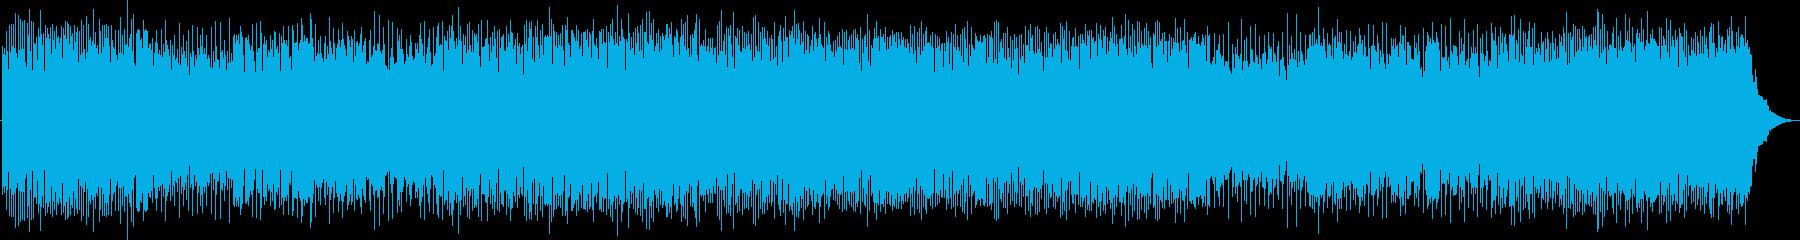 疾走感あふれるアコースティックロックの再生済みの波形